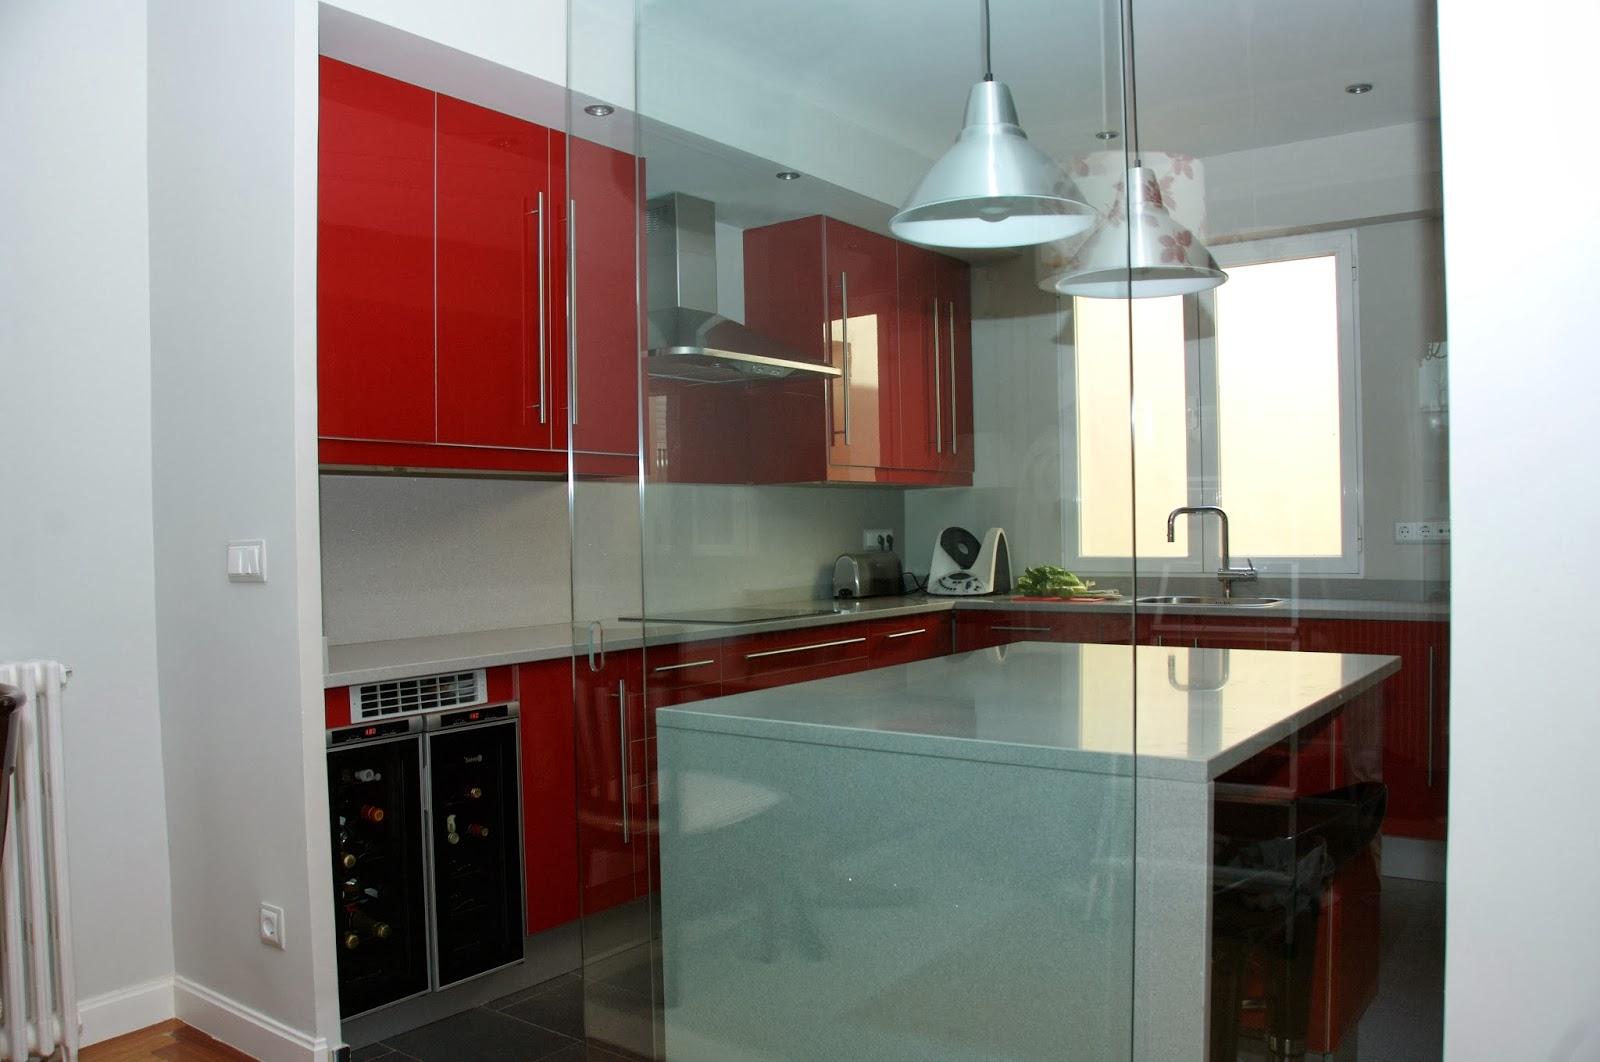 Goitorre arquitectura interiorismo y construcci n desde - Cerrar cocina americana ...